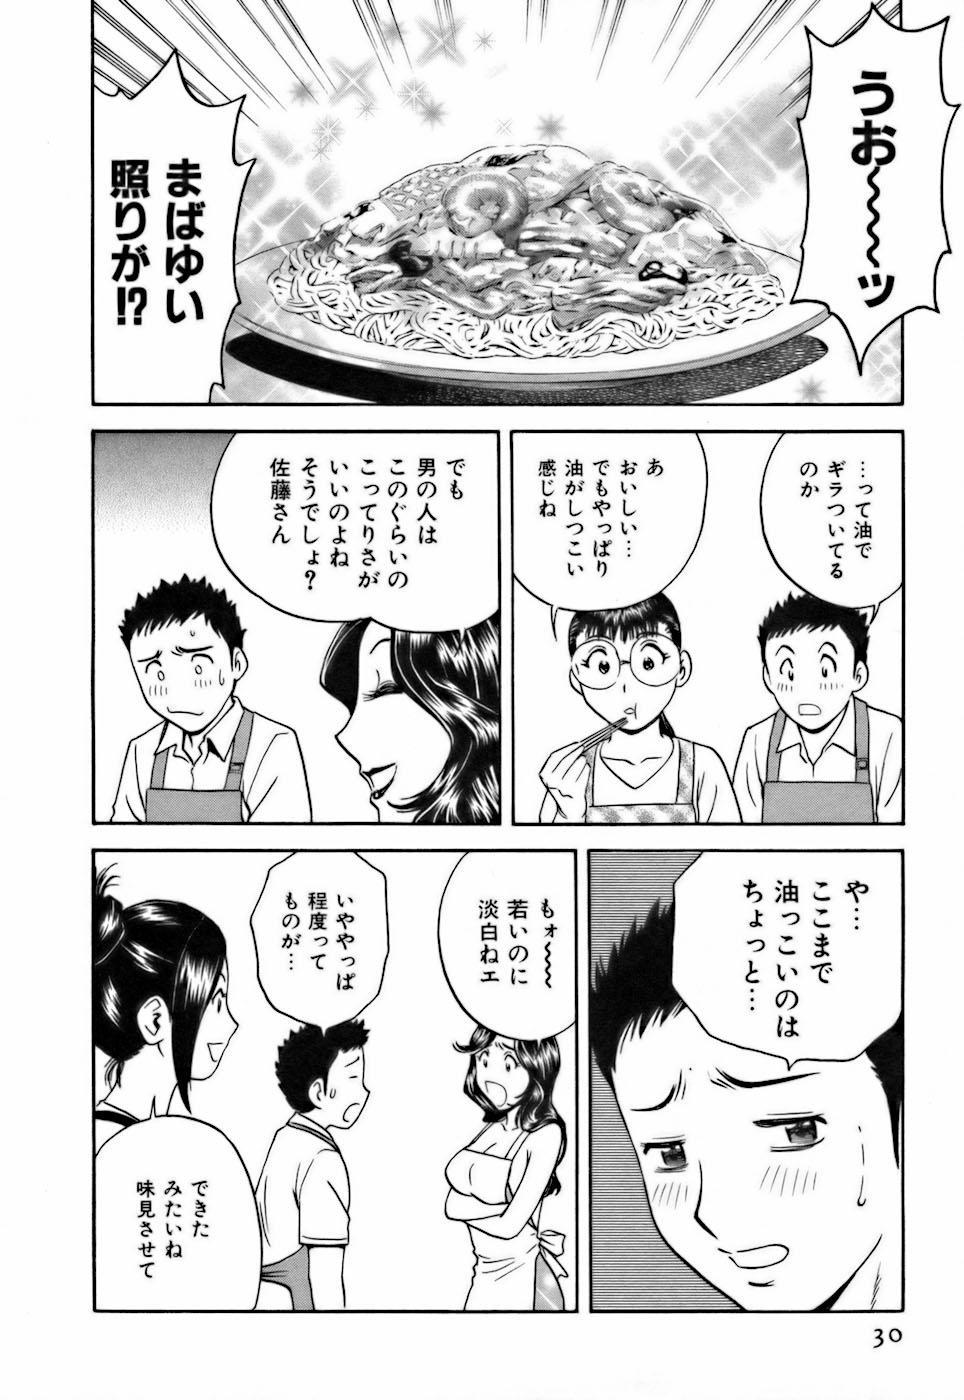 Koisuru Apron 29